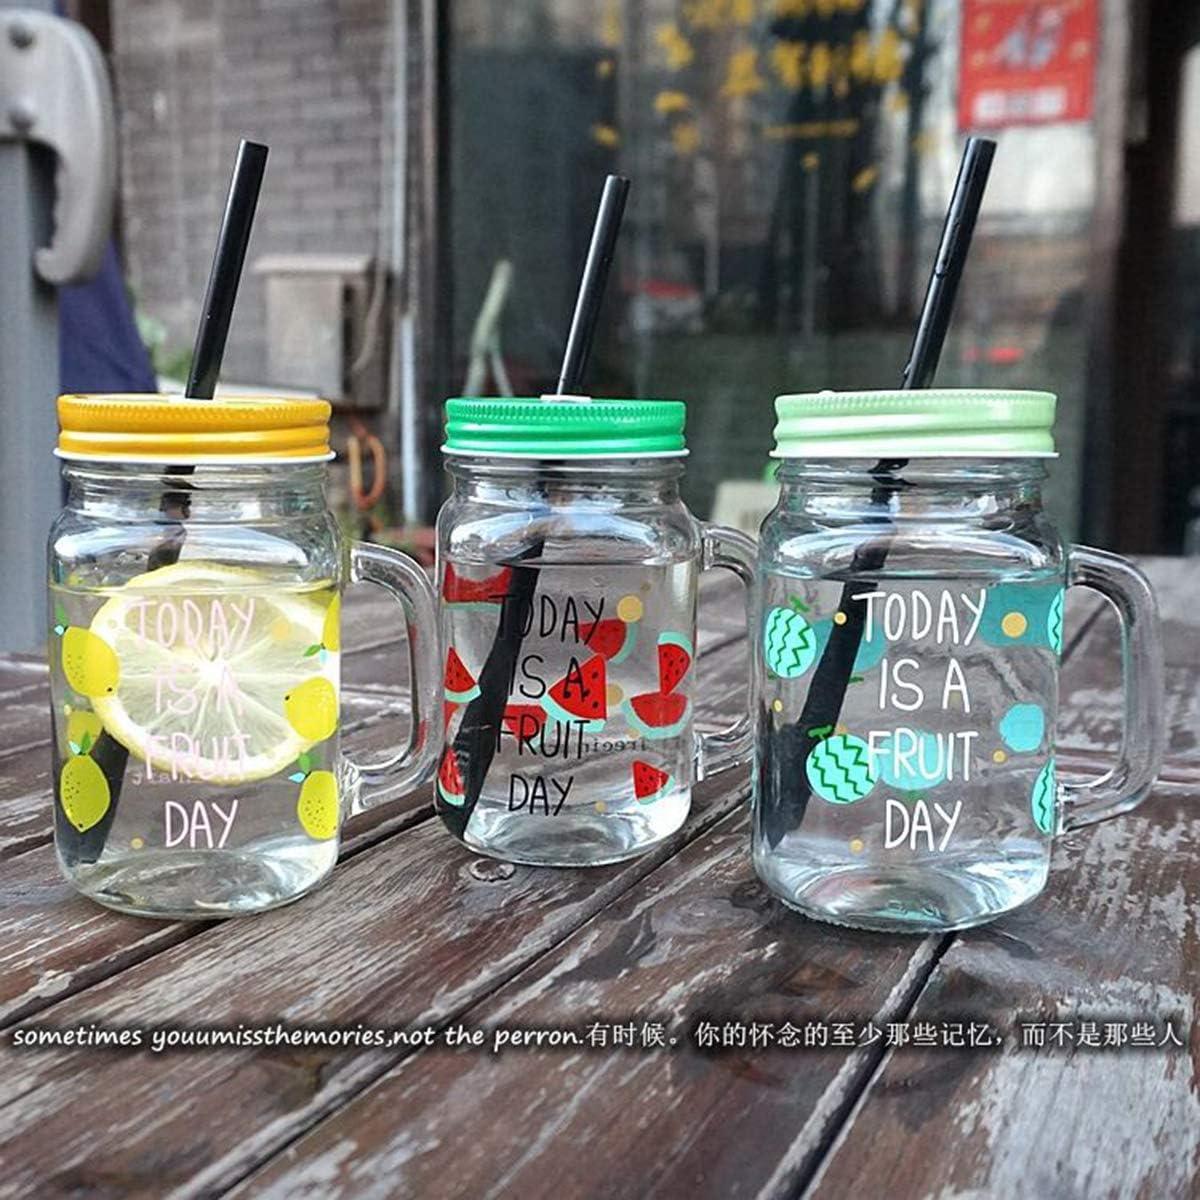 M/étal Dancepandas Couvercle Mason Jar Paille 28PCS Couvercle Pot en Verre Reutilisable 70mm Couvercle de Rechange Mason Jar Lids Avec 28 Pailles Multicolore